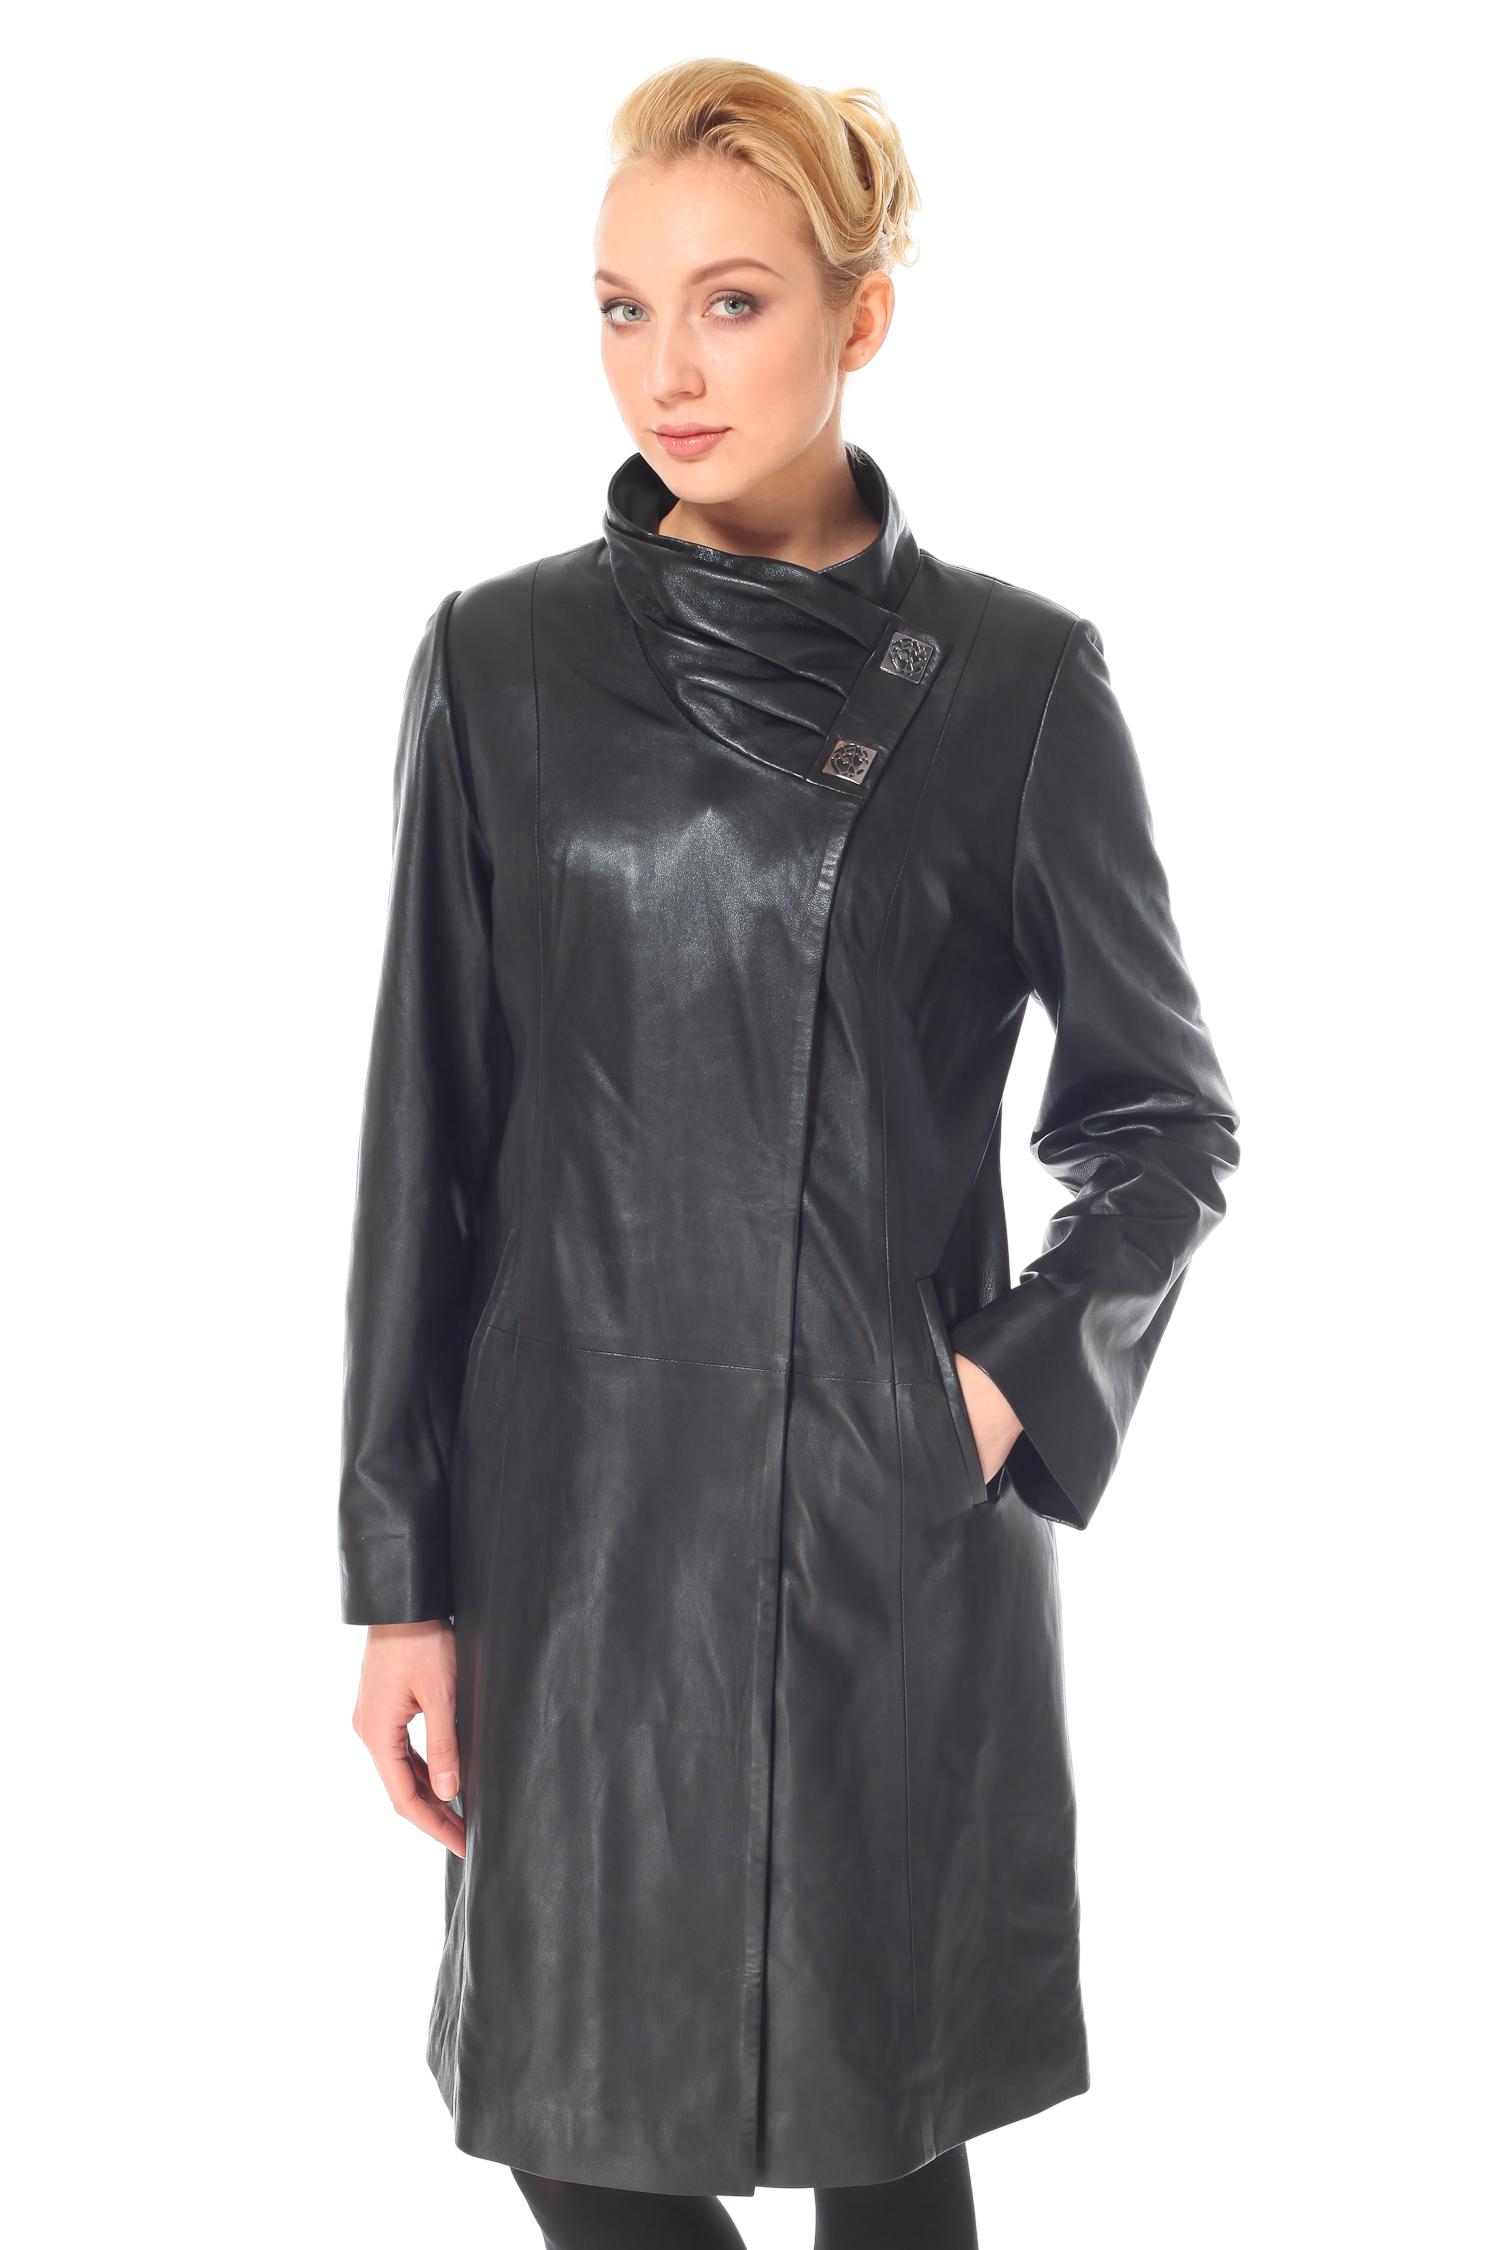 Женское кожаное пальто из натуральной кожи с воротником, без отделки<br><br>Воротник: Оригинальный<br>Длина см: 100<br>Материал: Натуральная кожа<br>Цвет: Черный<br>Пол: Женский